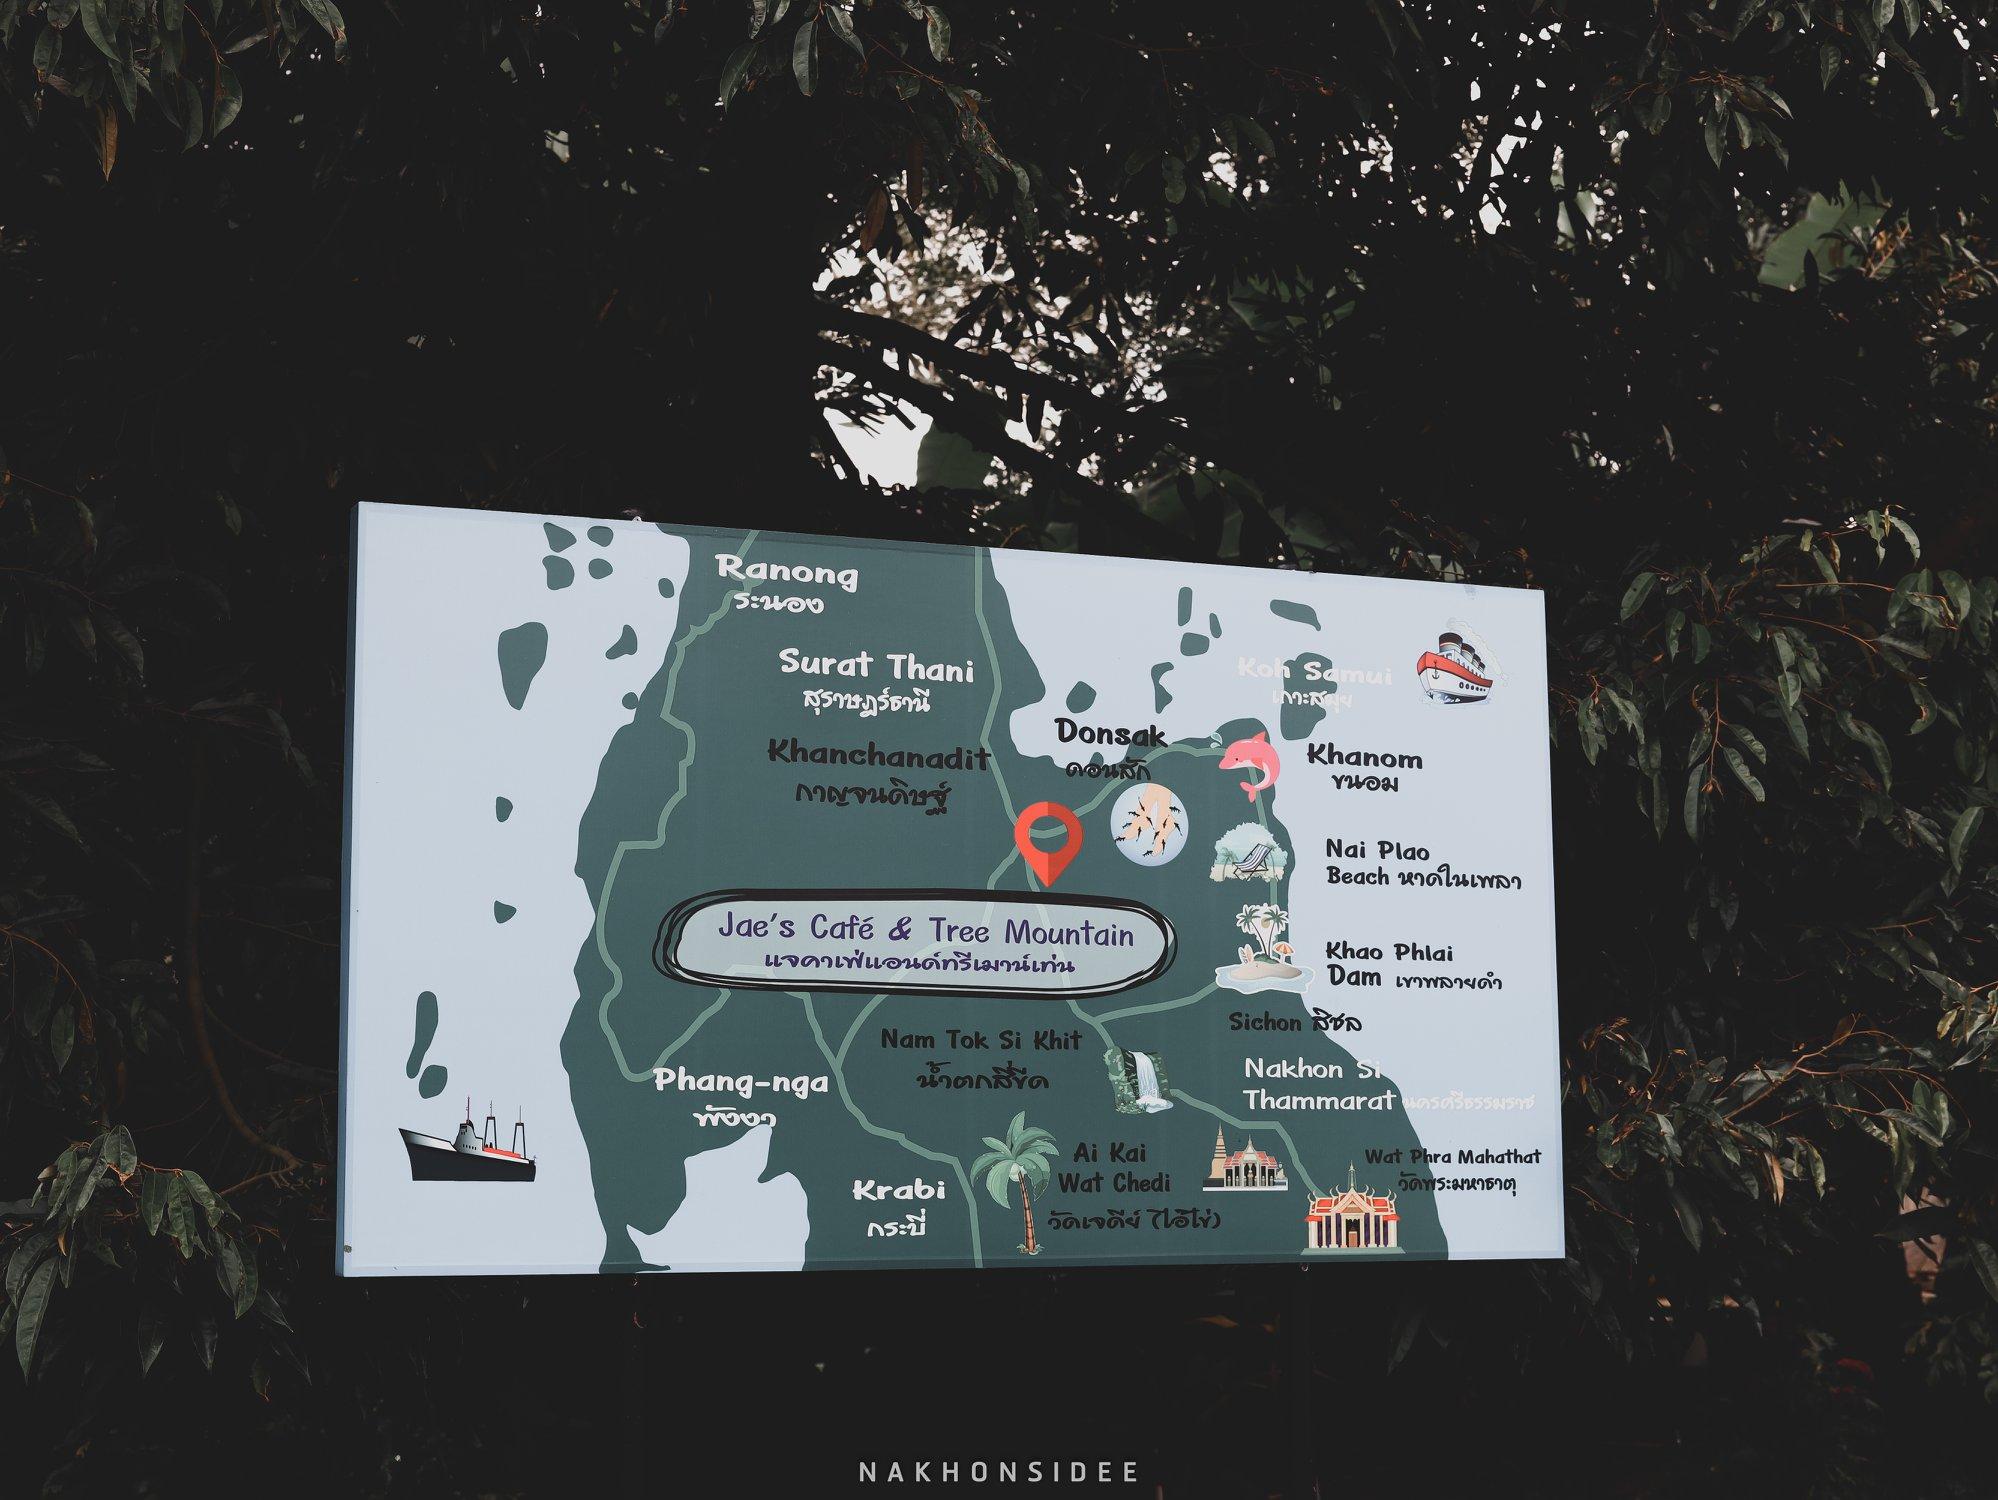 มีป้ายบอกทาง และสถานที่ท่องเที่ยวใกล้เคียงกันด้วยน้าา สิชล,นครศรีธรรมราช,ใกล้วัดเจดีย์,ตาไข่,เมืองคอน,แจคาเฟ่,วิวหลักล้าน,กลางป่า,กลางหุบเขา